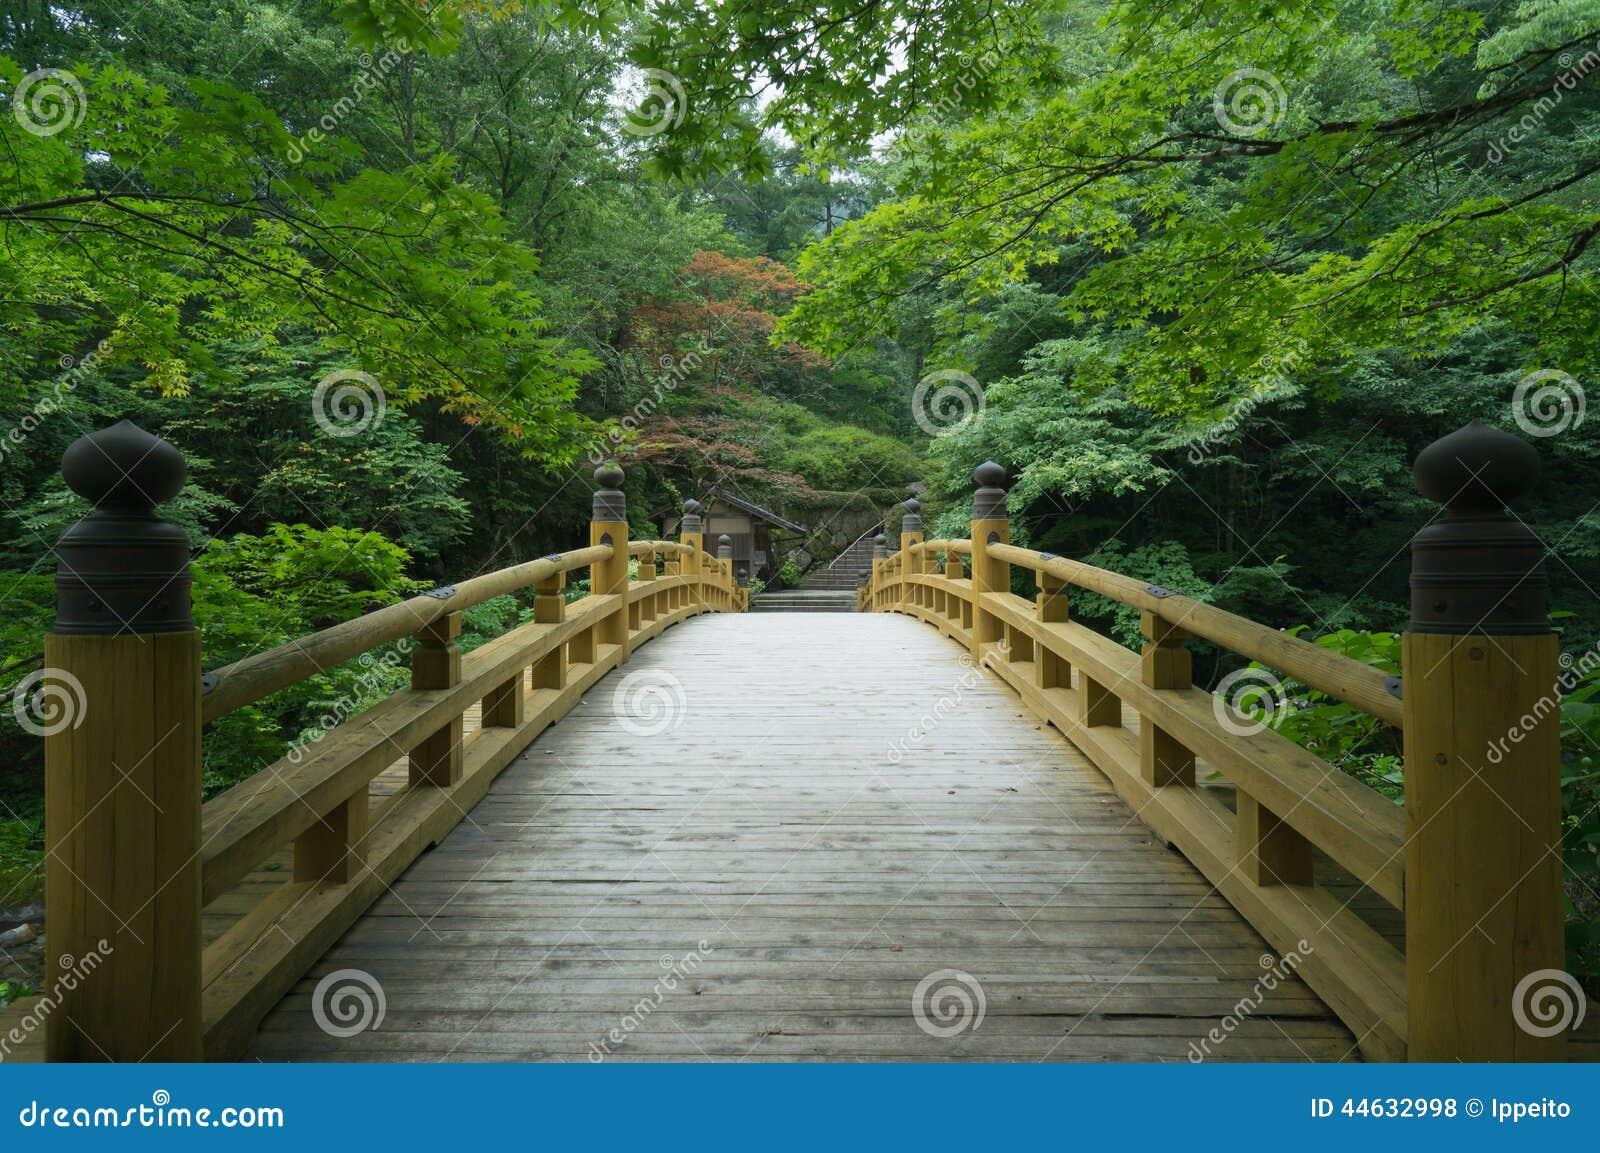 Традиционный деревянный мост в старом японском саде, Киото